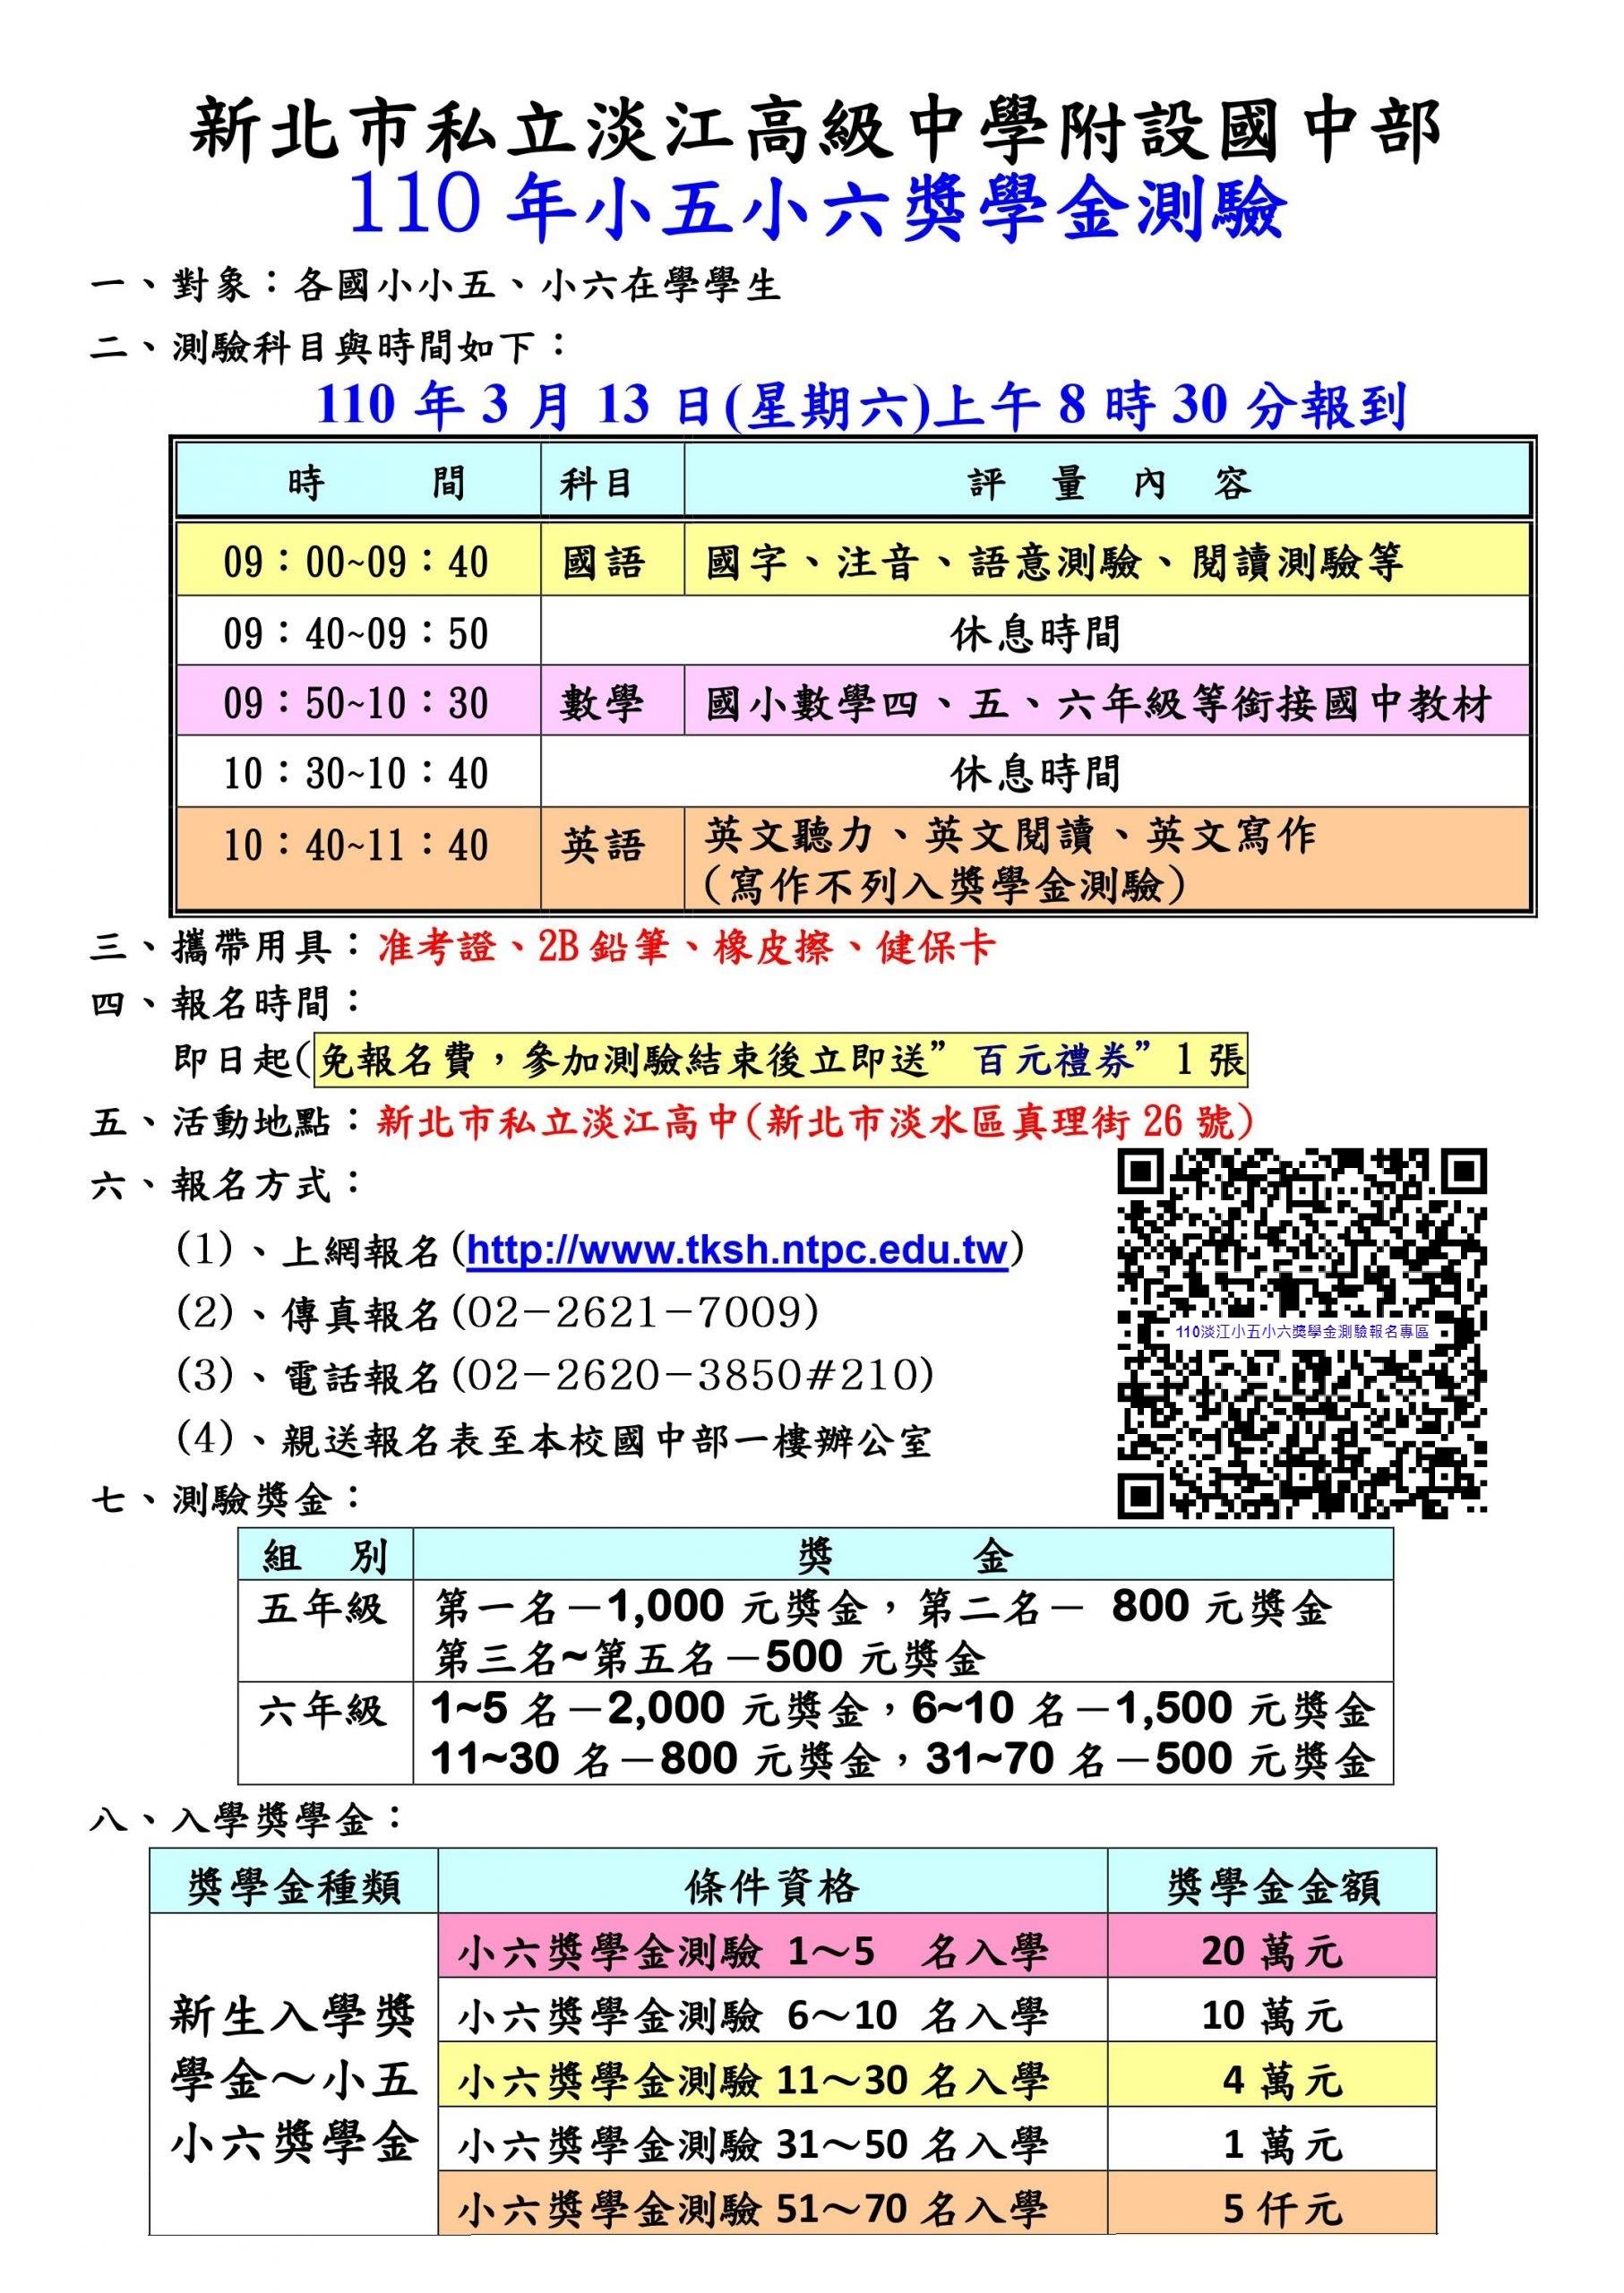 110淡江-小五小六獎學金測驗資訊(含報名表單QRcode)